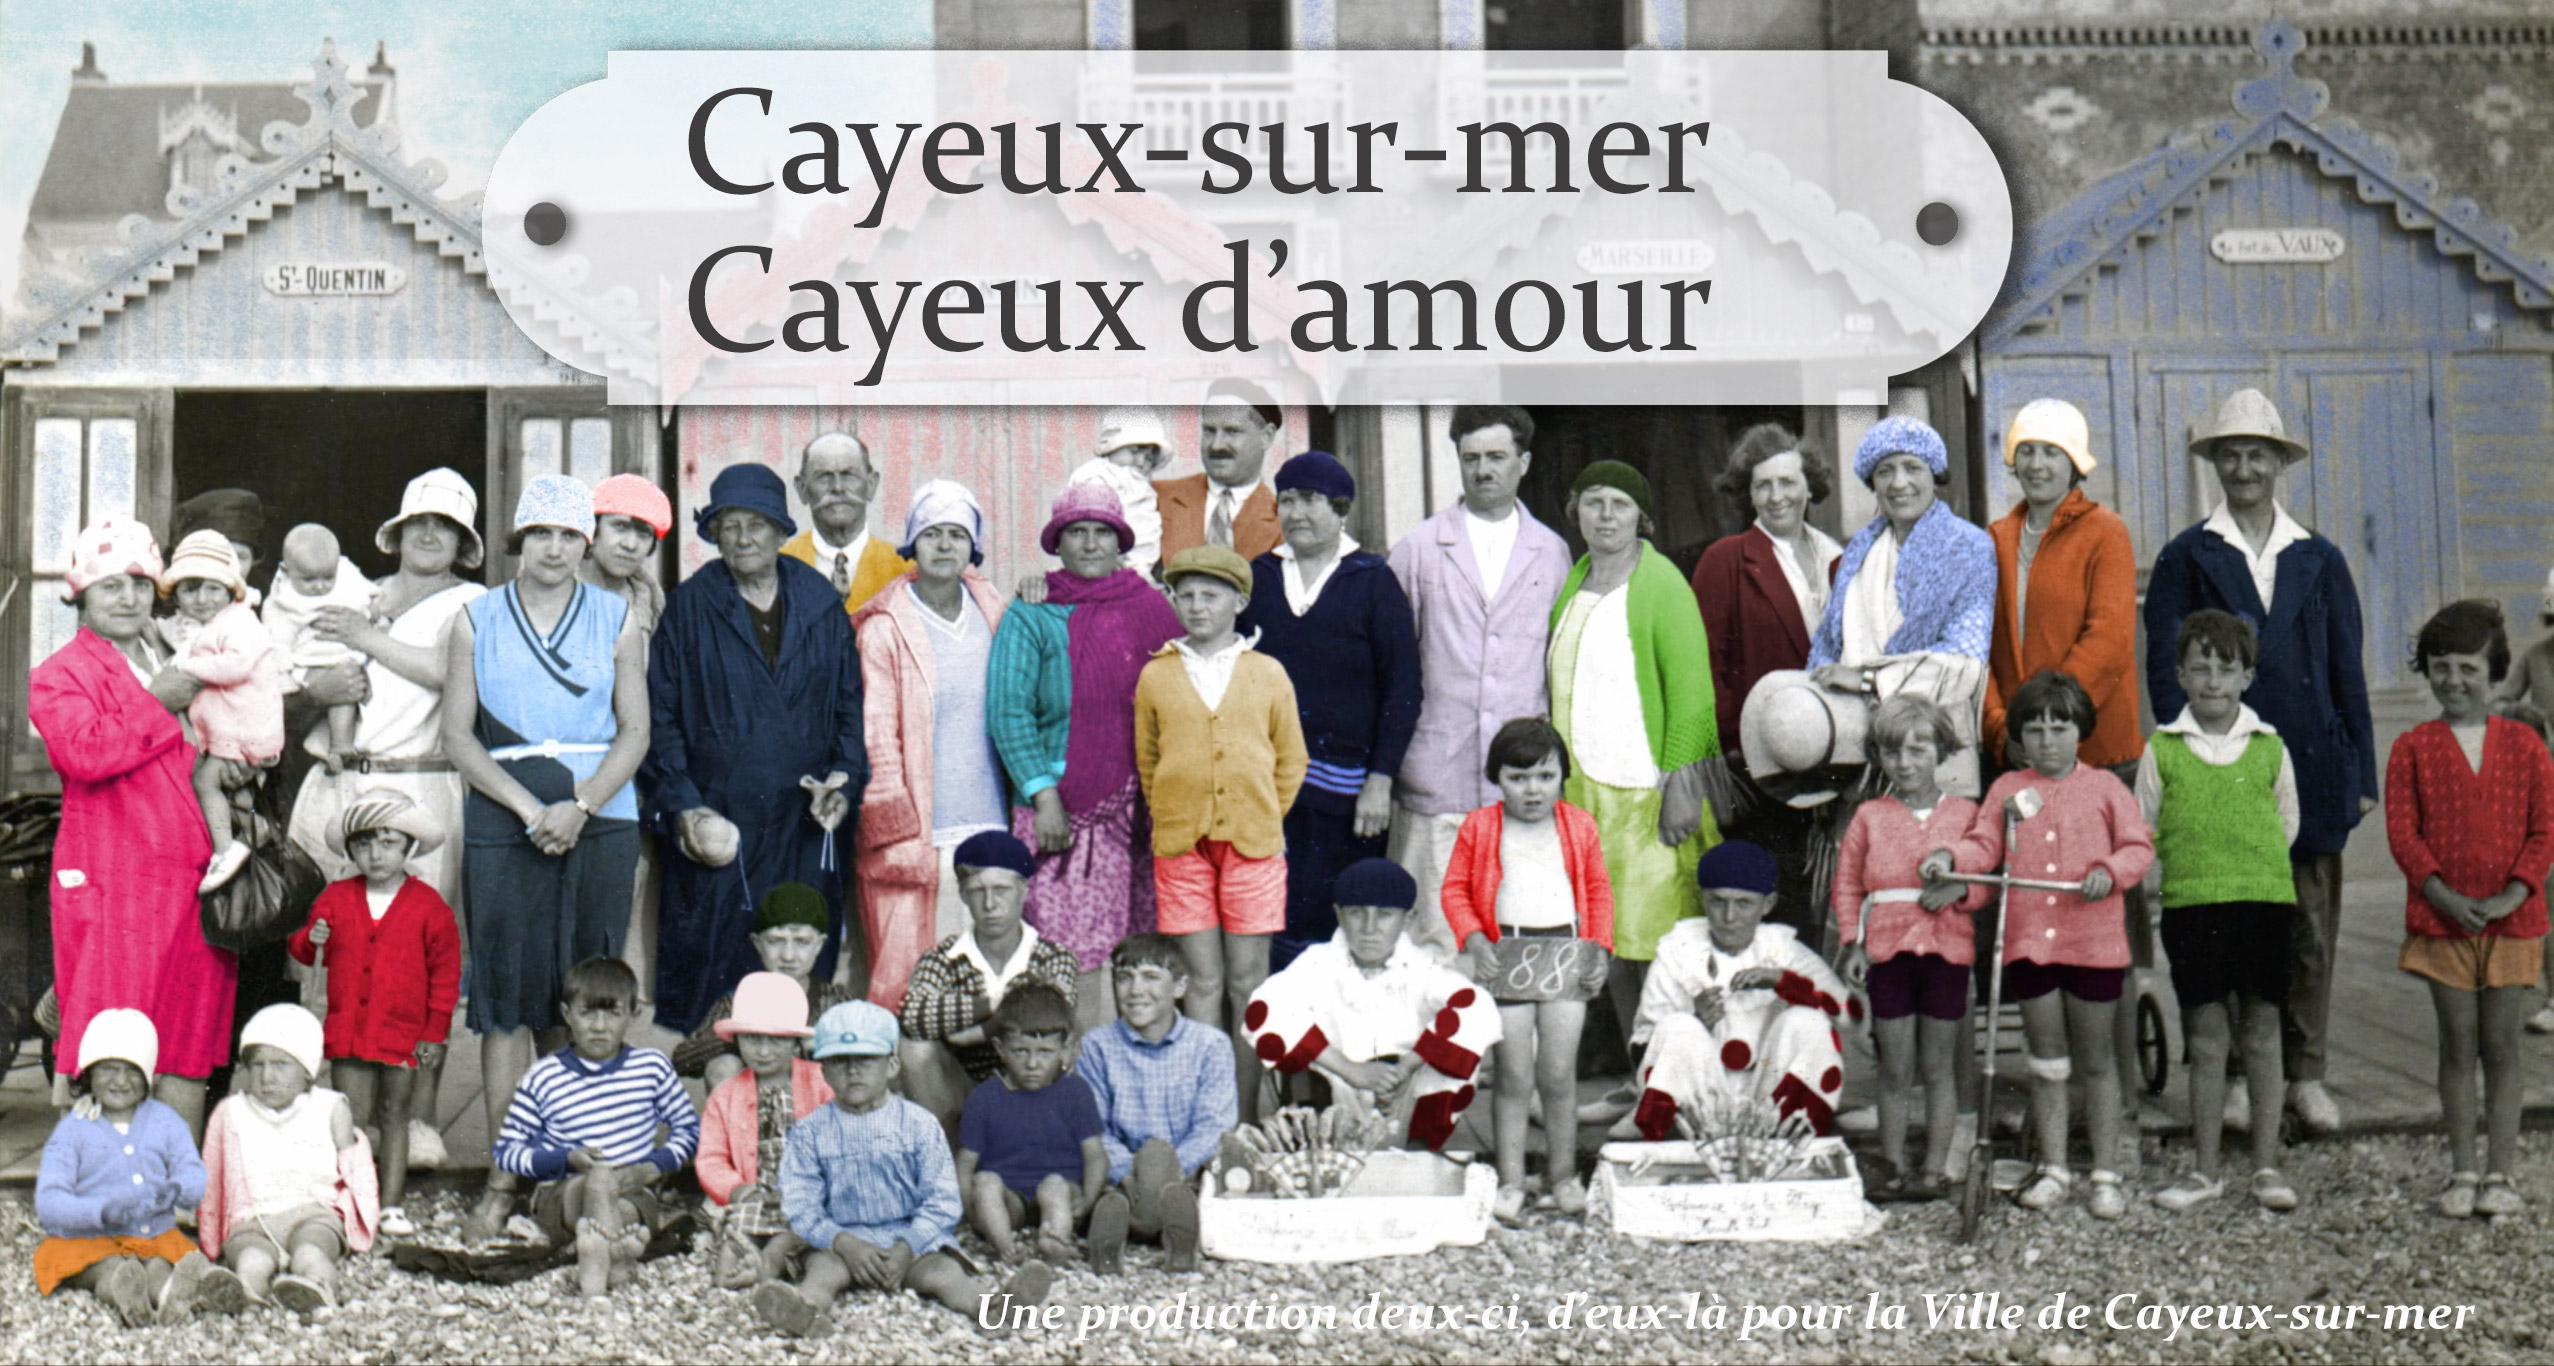 Cayeux-sur-mer, Cayeux d'amour-Film documentaire